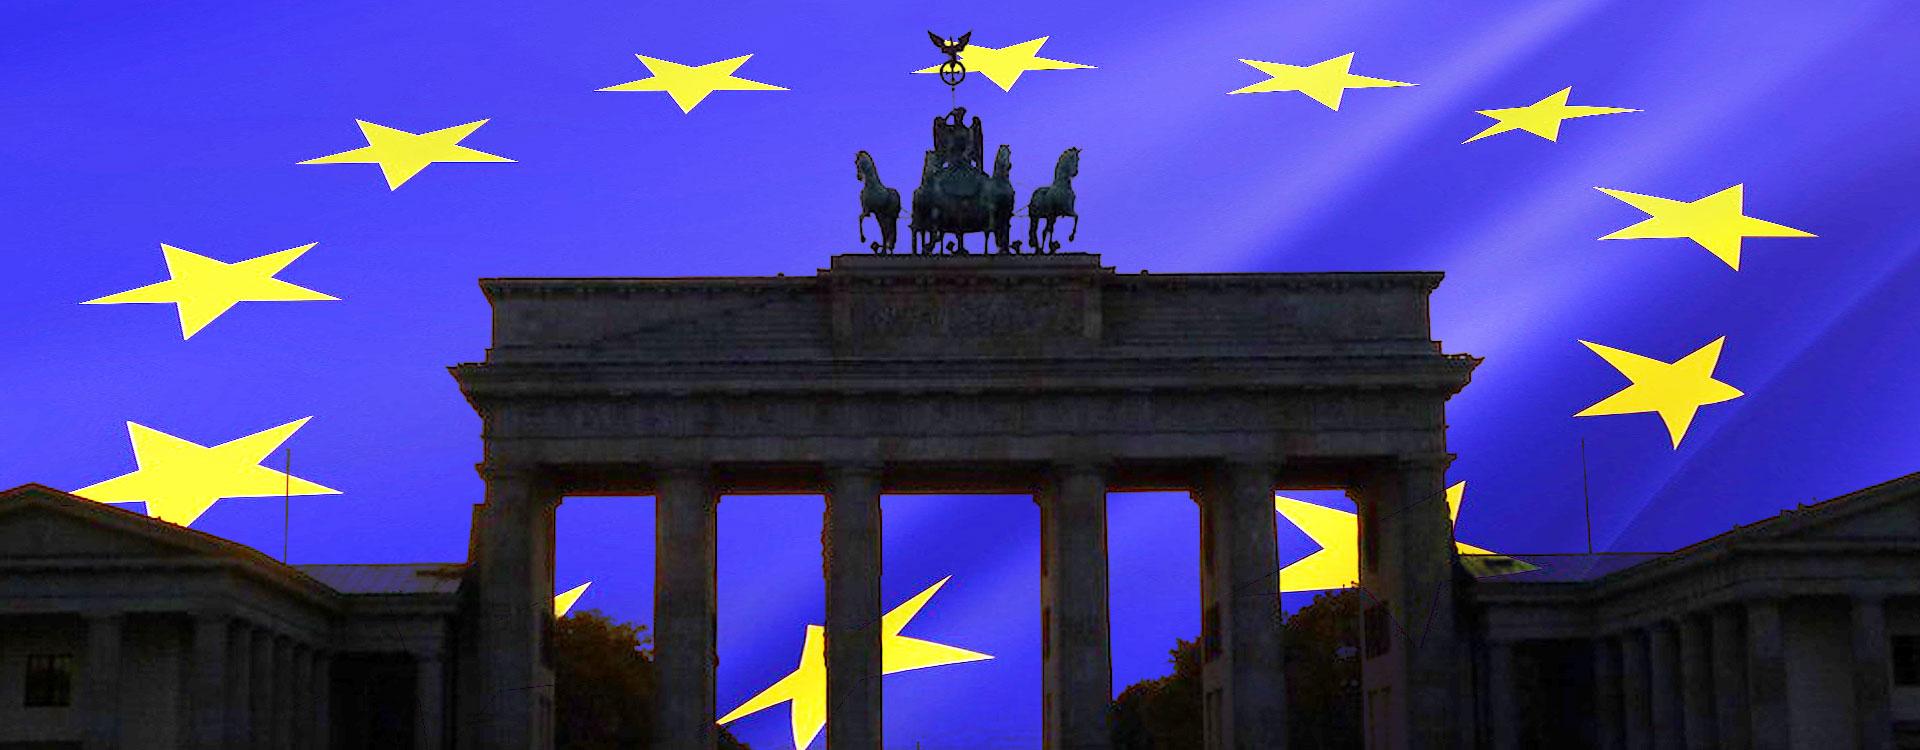 brandenburg gate and eu flag